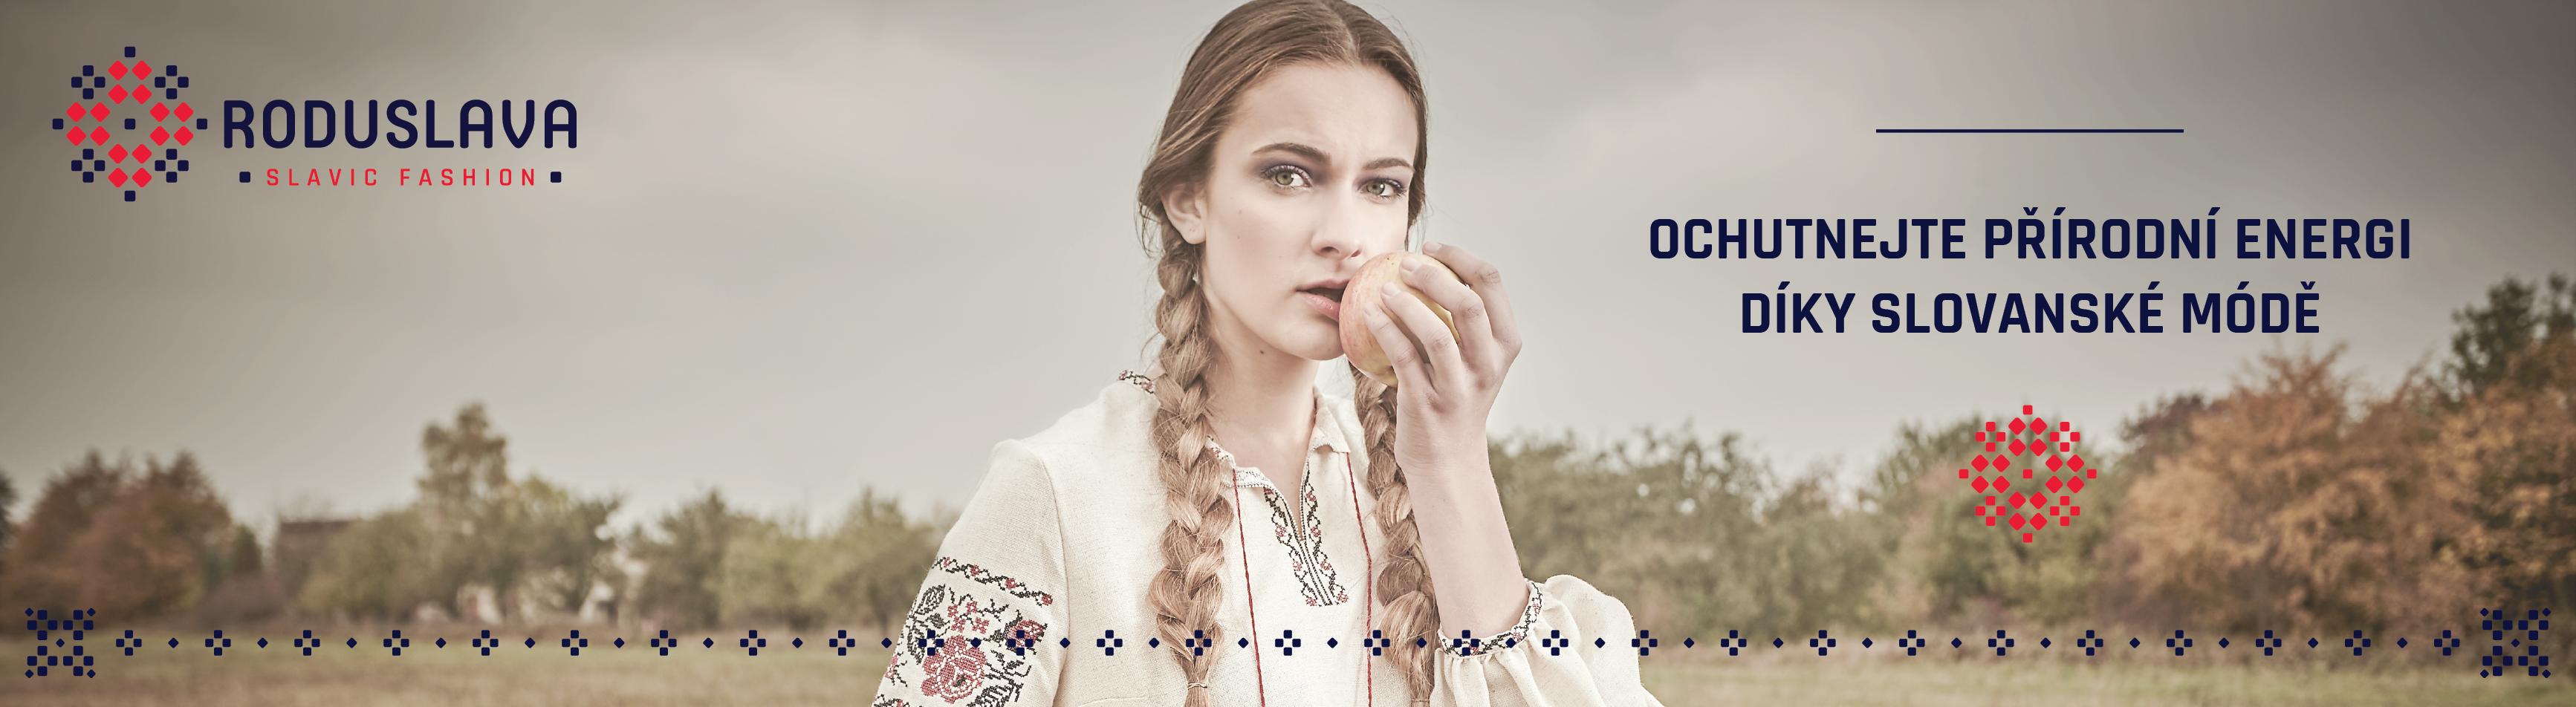 Roduslava slovanská móda pro muže a ženy